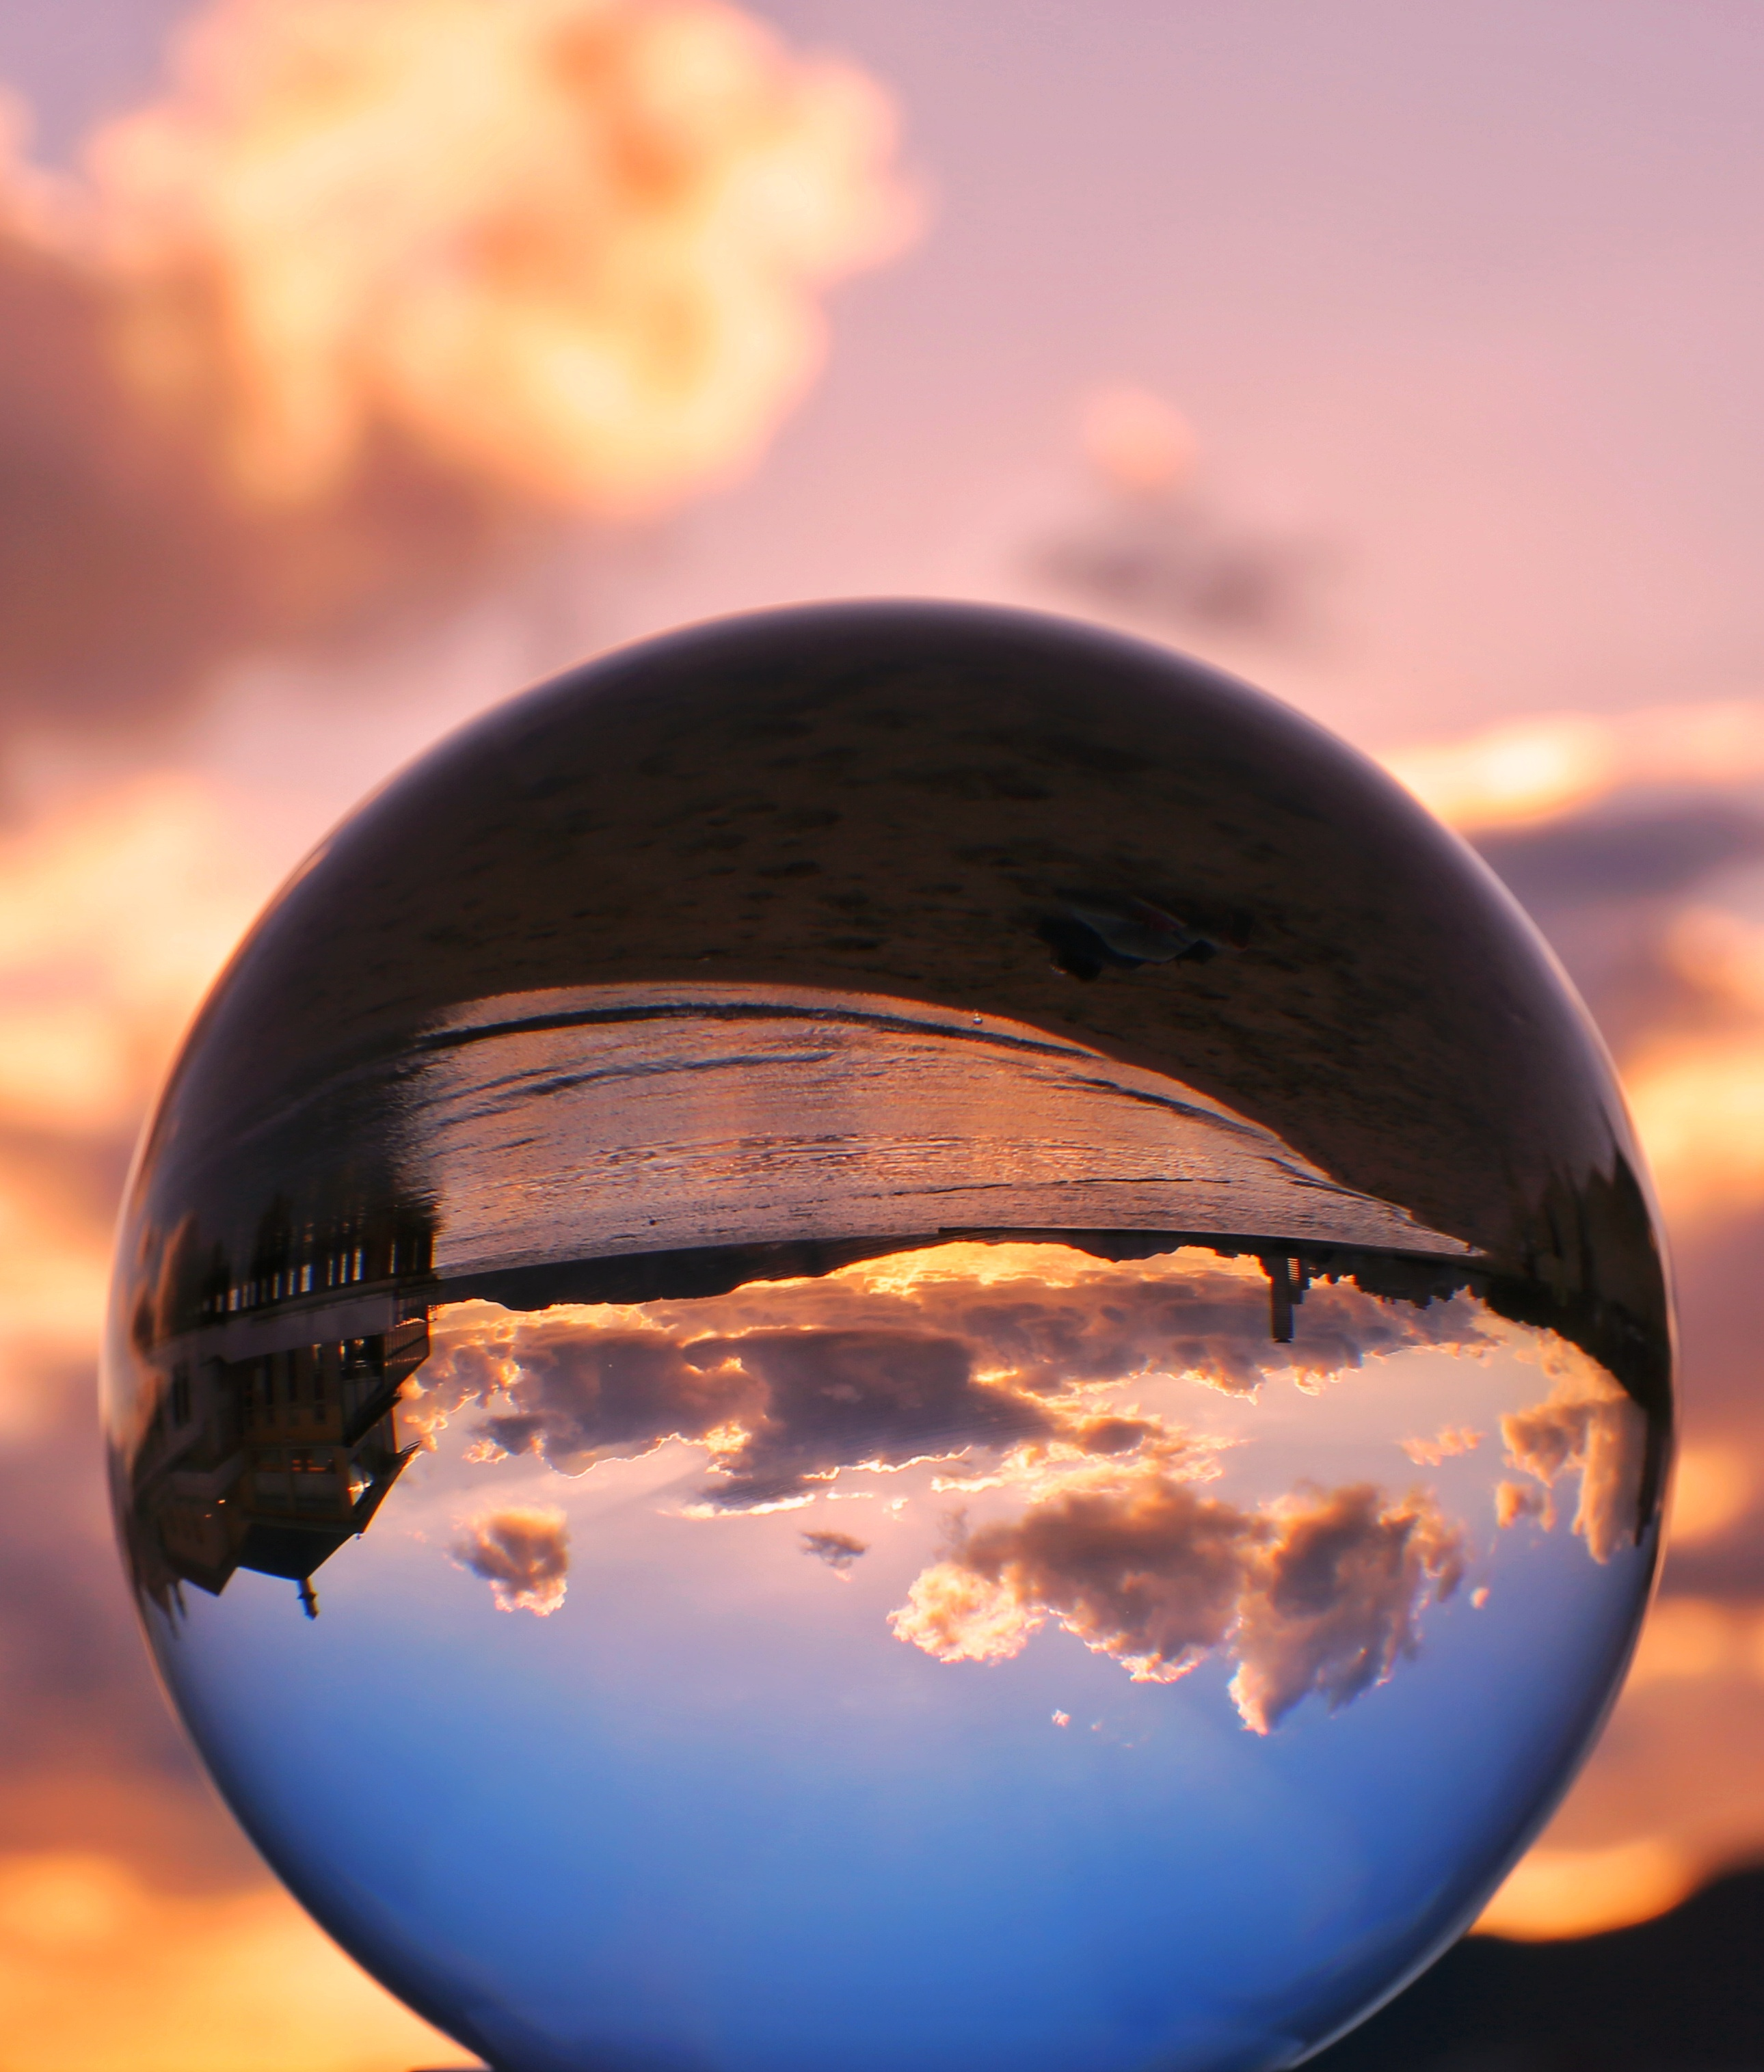 「ガラス玉に詰め込んだ夏の海」の写真